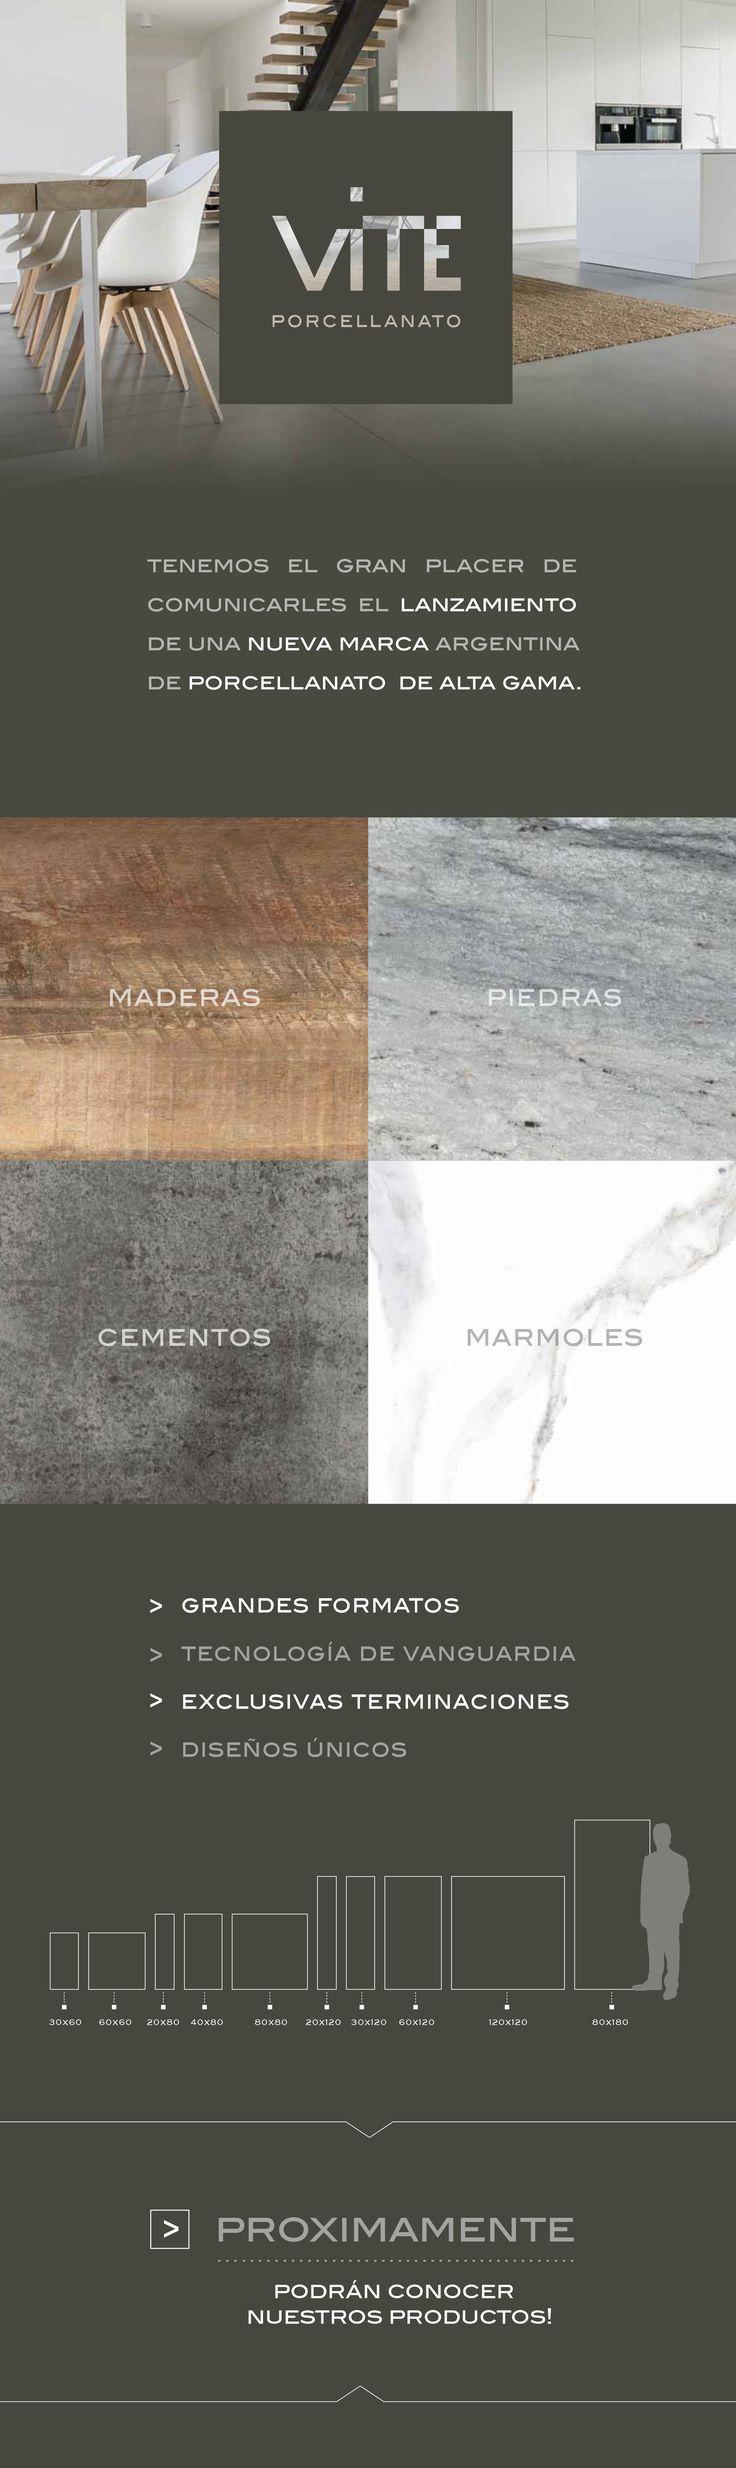 12 besten Ambientaciones Bilder auf Pinterest | Argentinien ...